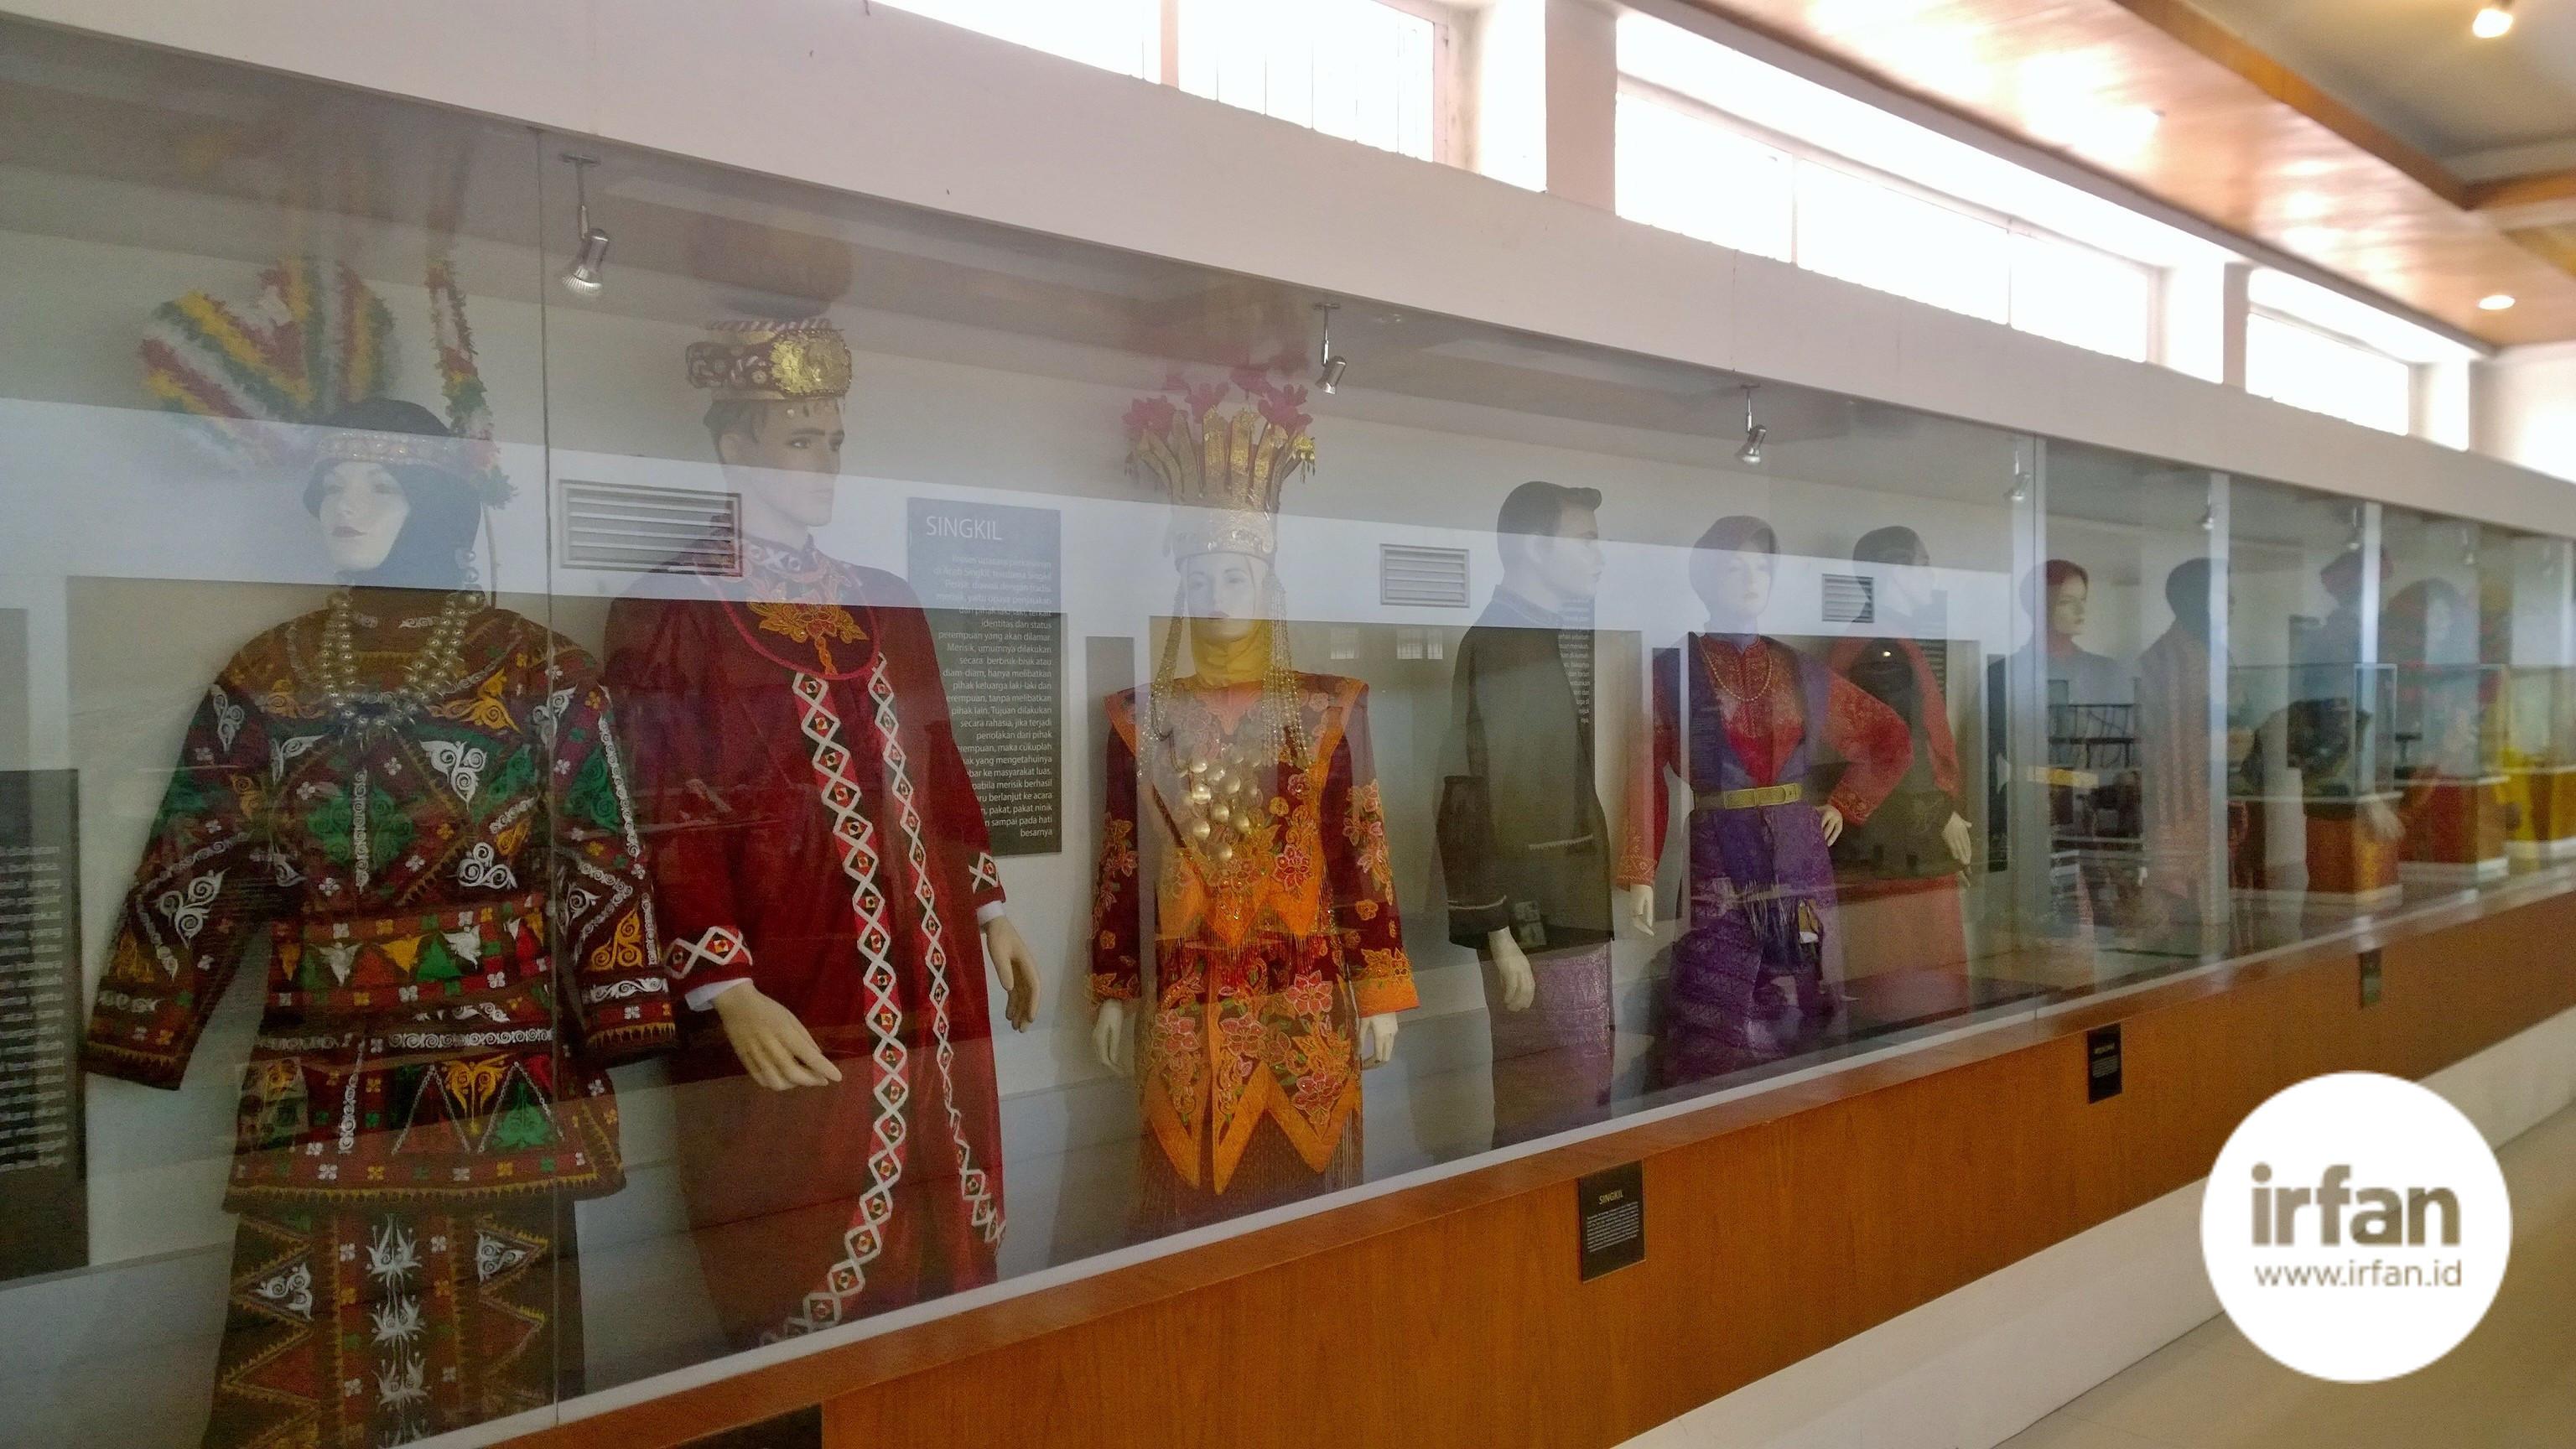 FOTO: Museum Negeri Aceh, Wisata Sejarah Yang Wajib Dikunjungi 24